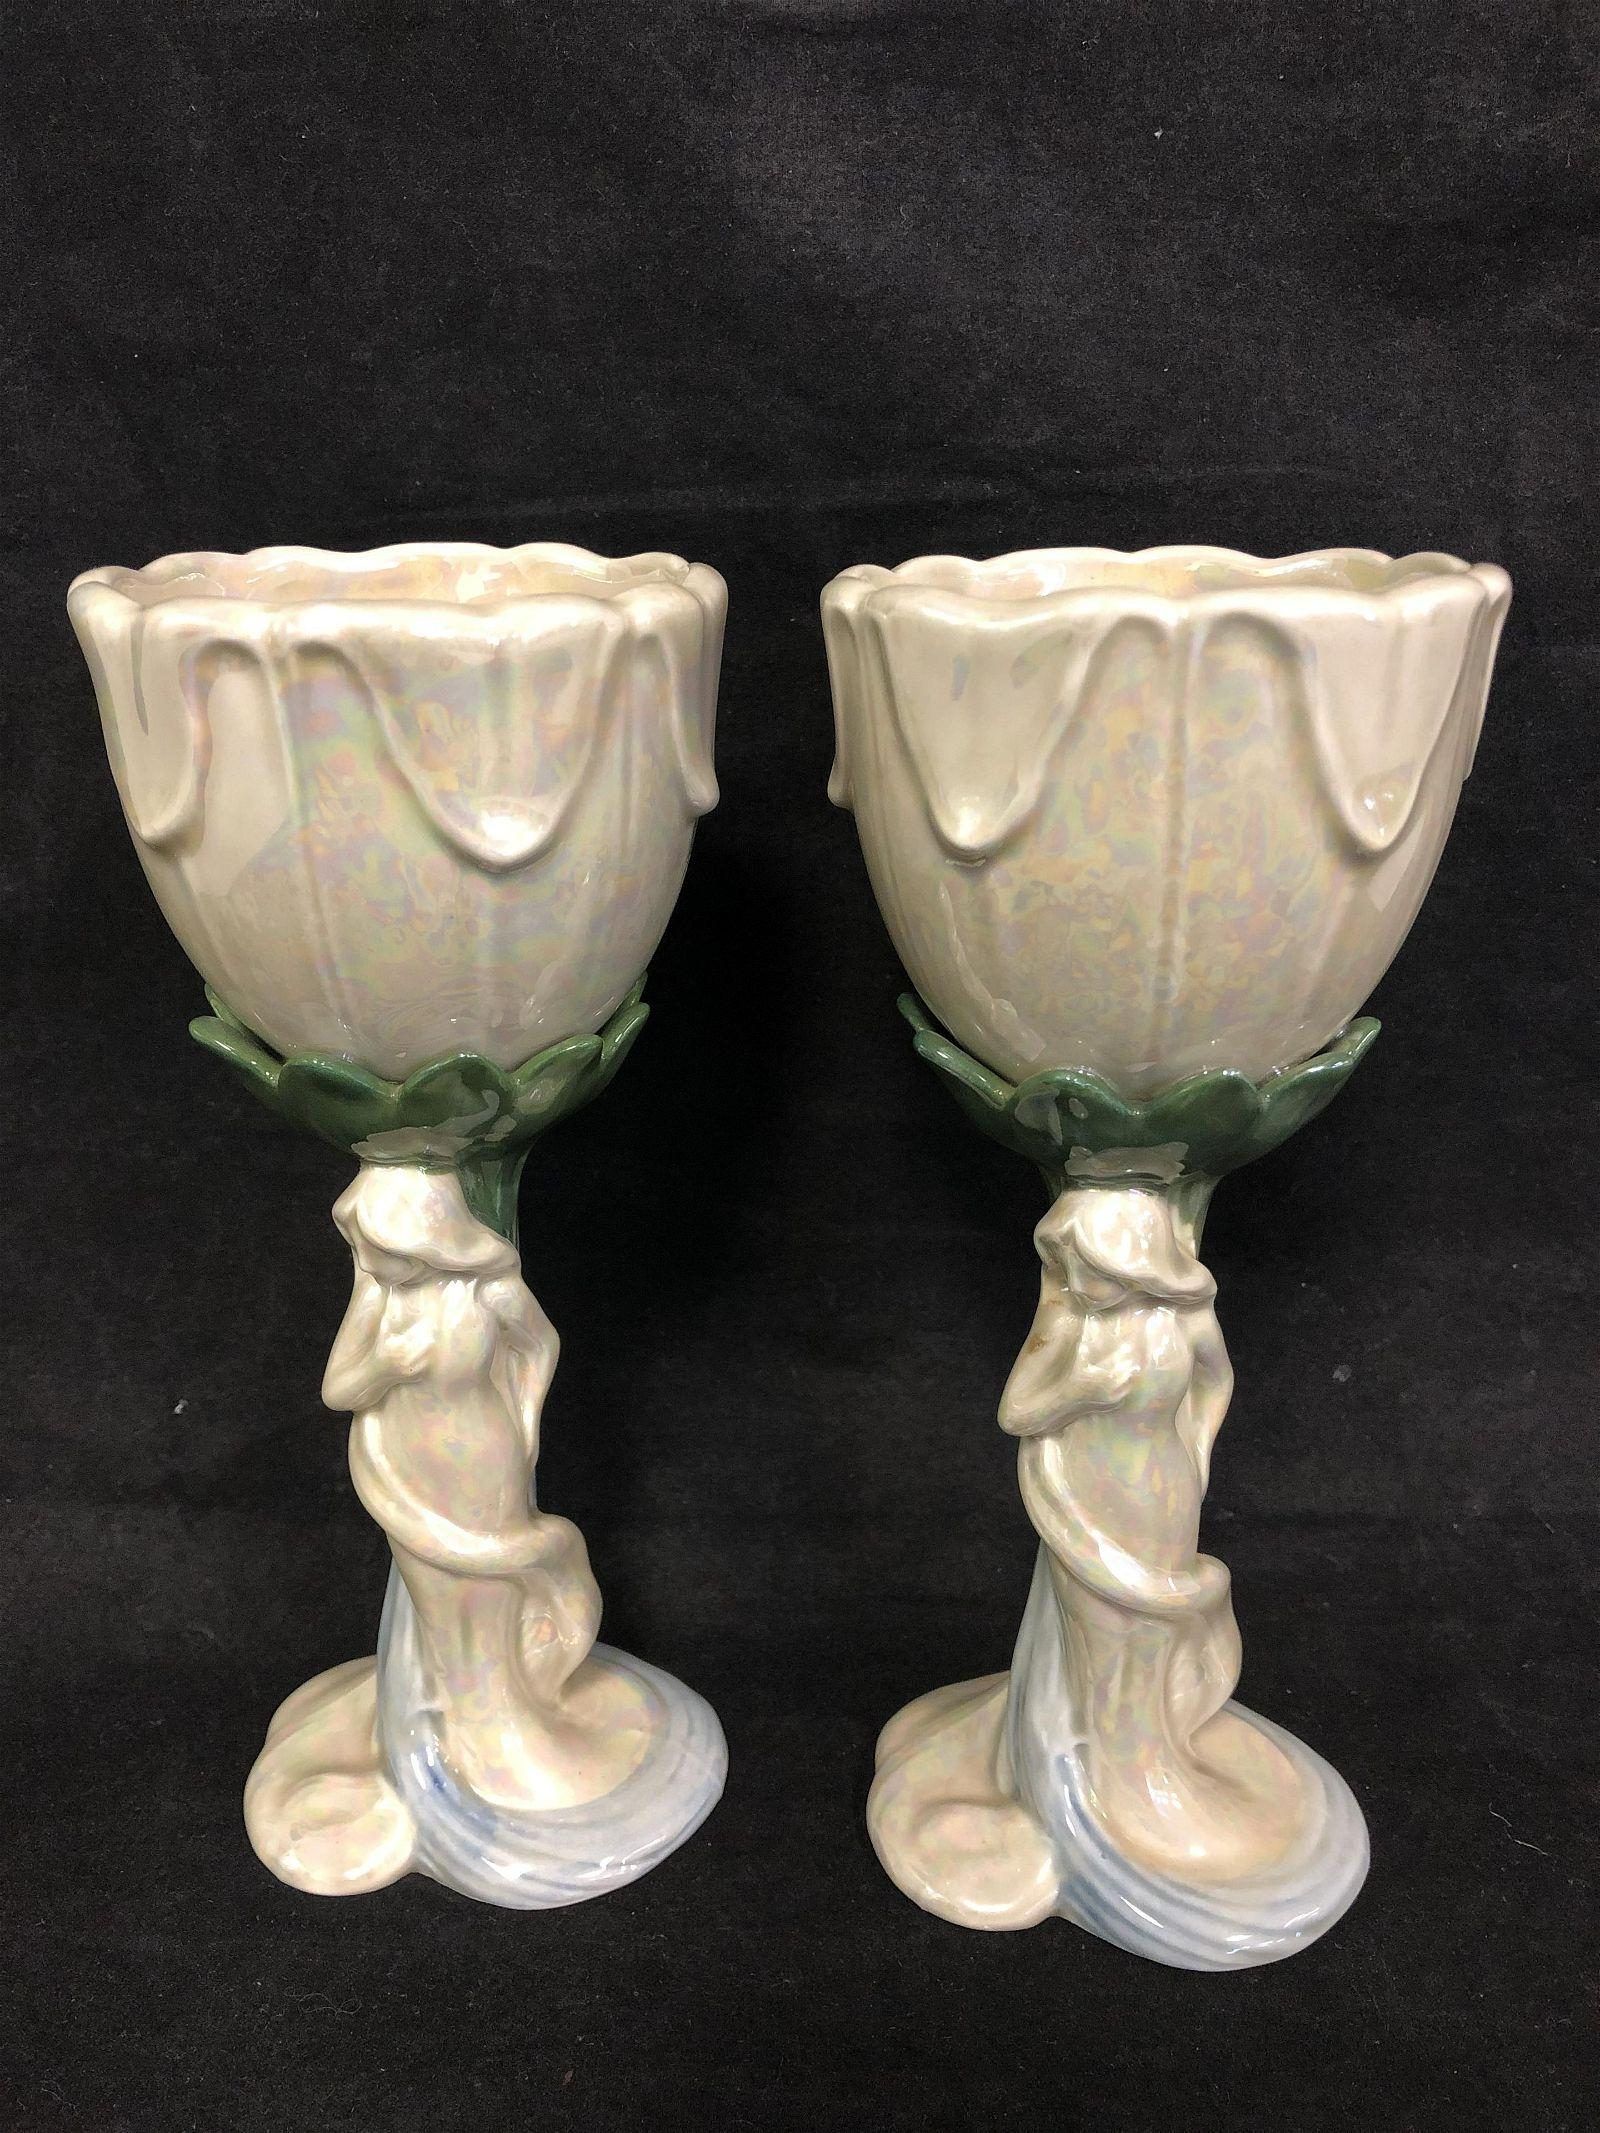 Pr Fitz & Floyd Figural Stemware - Art Nouveau Style,